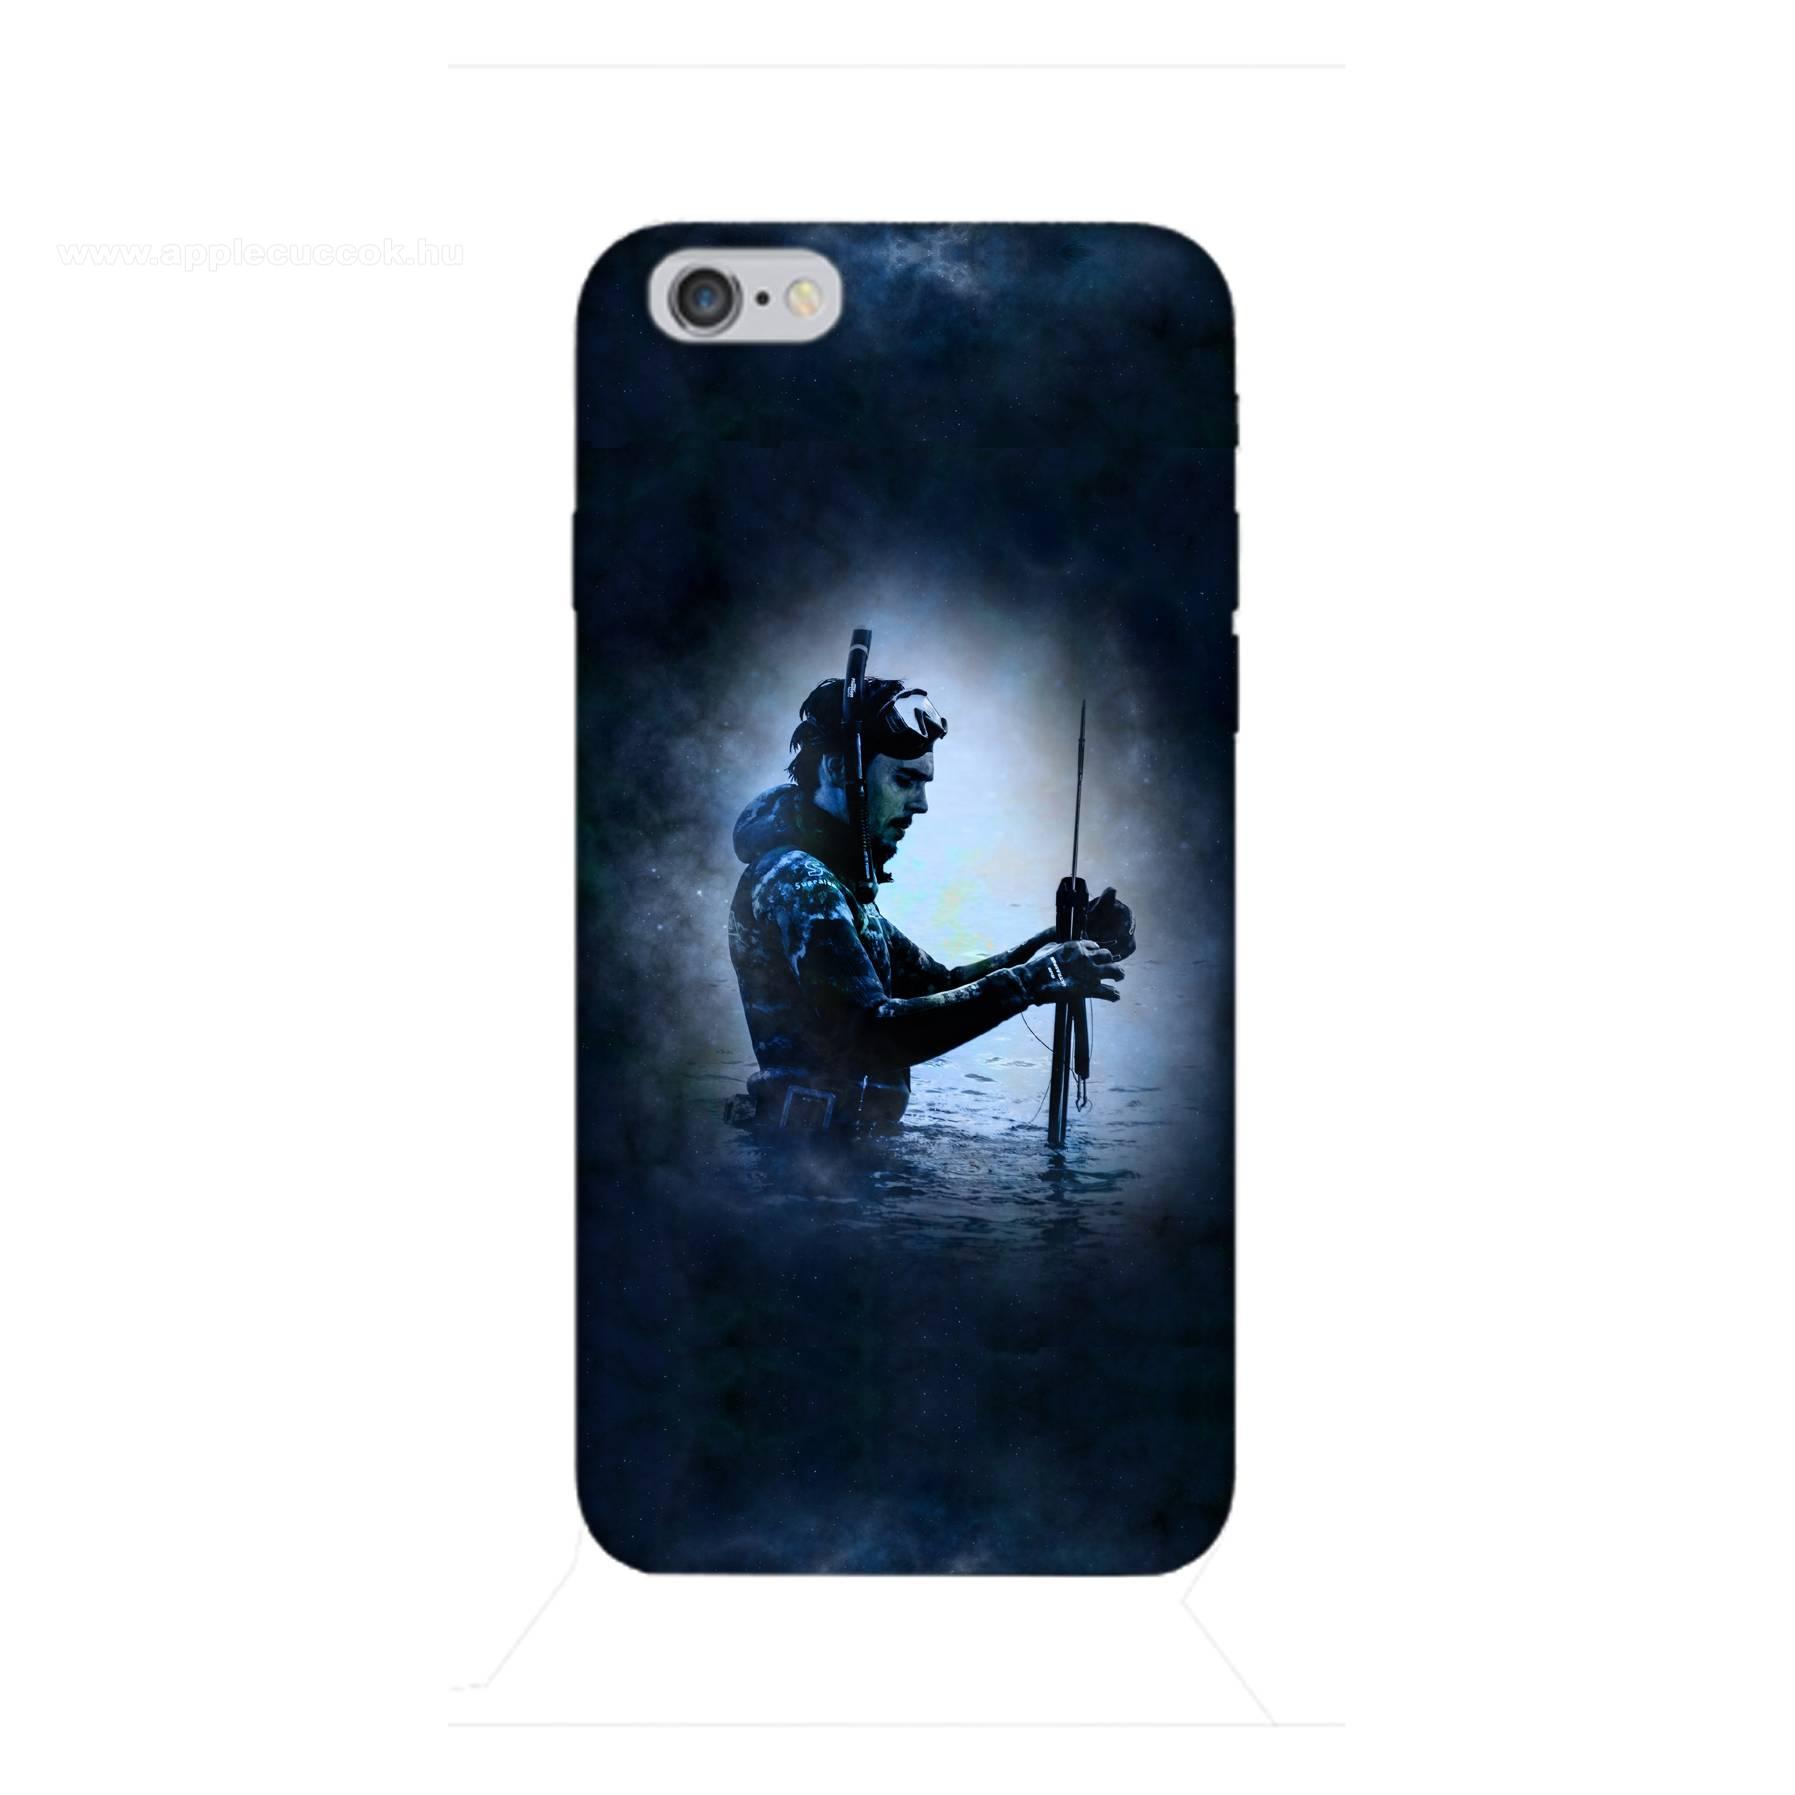 E-pic szilikon védő tok / hátlap - Horoszkóp, Vízöntő mintás - APPLE iPhone 6 / APPLE iPhone 6s